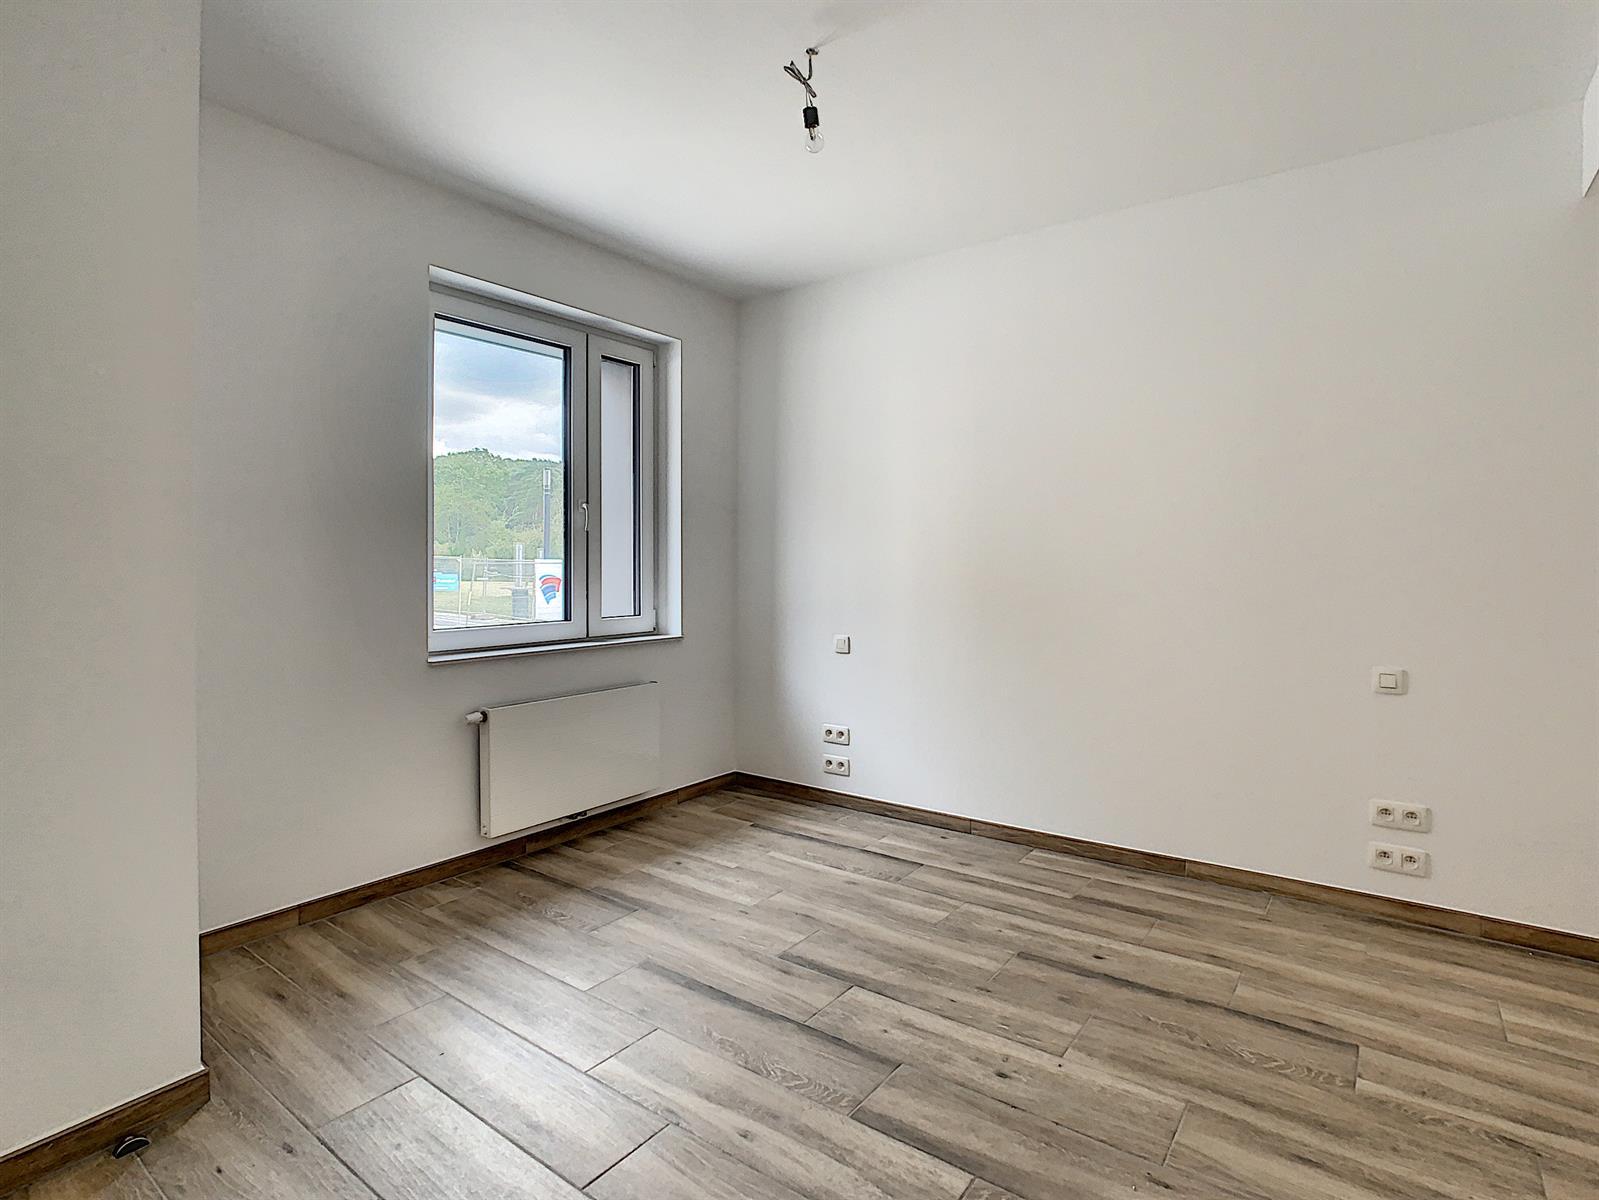 Appartement - Louvain-la-Neuve - #4149935-6